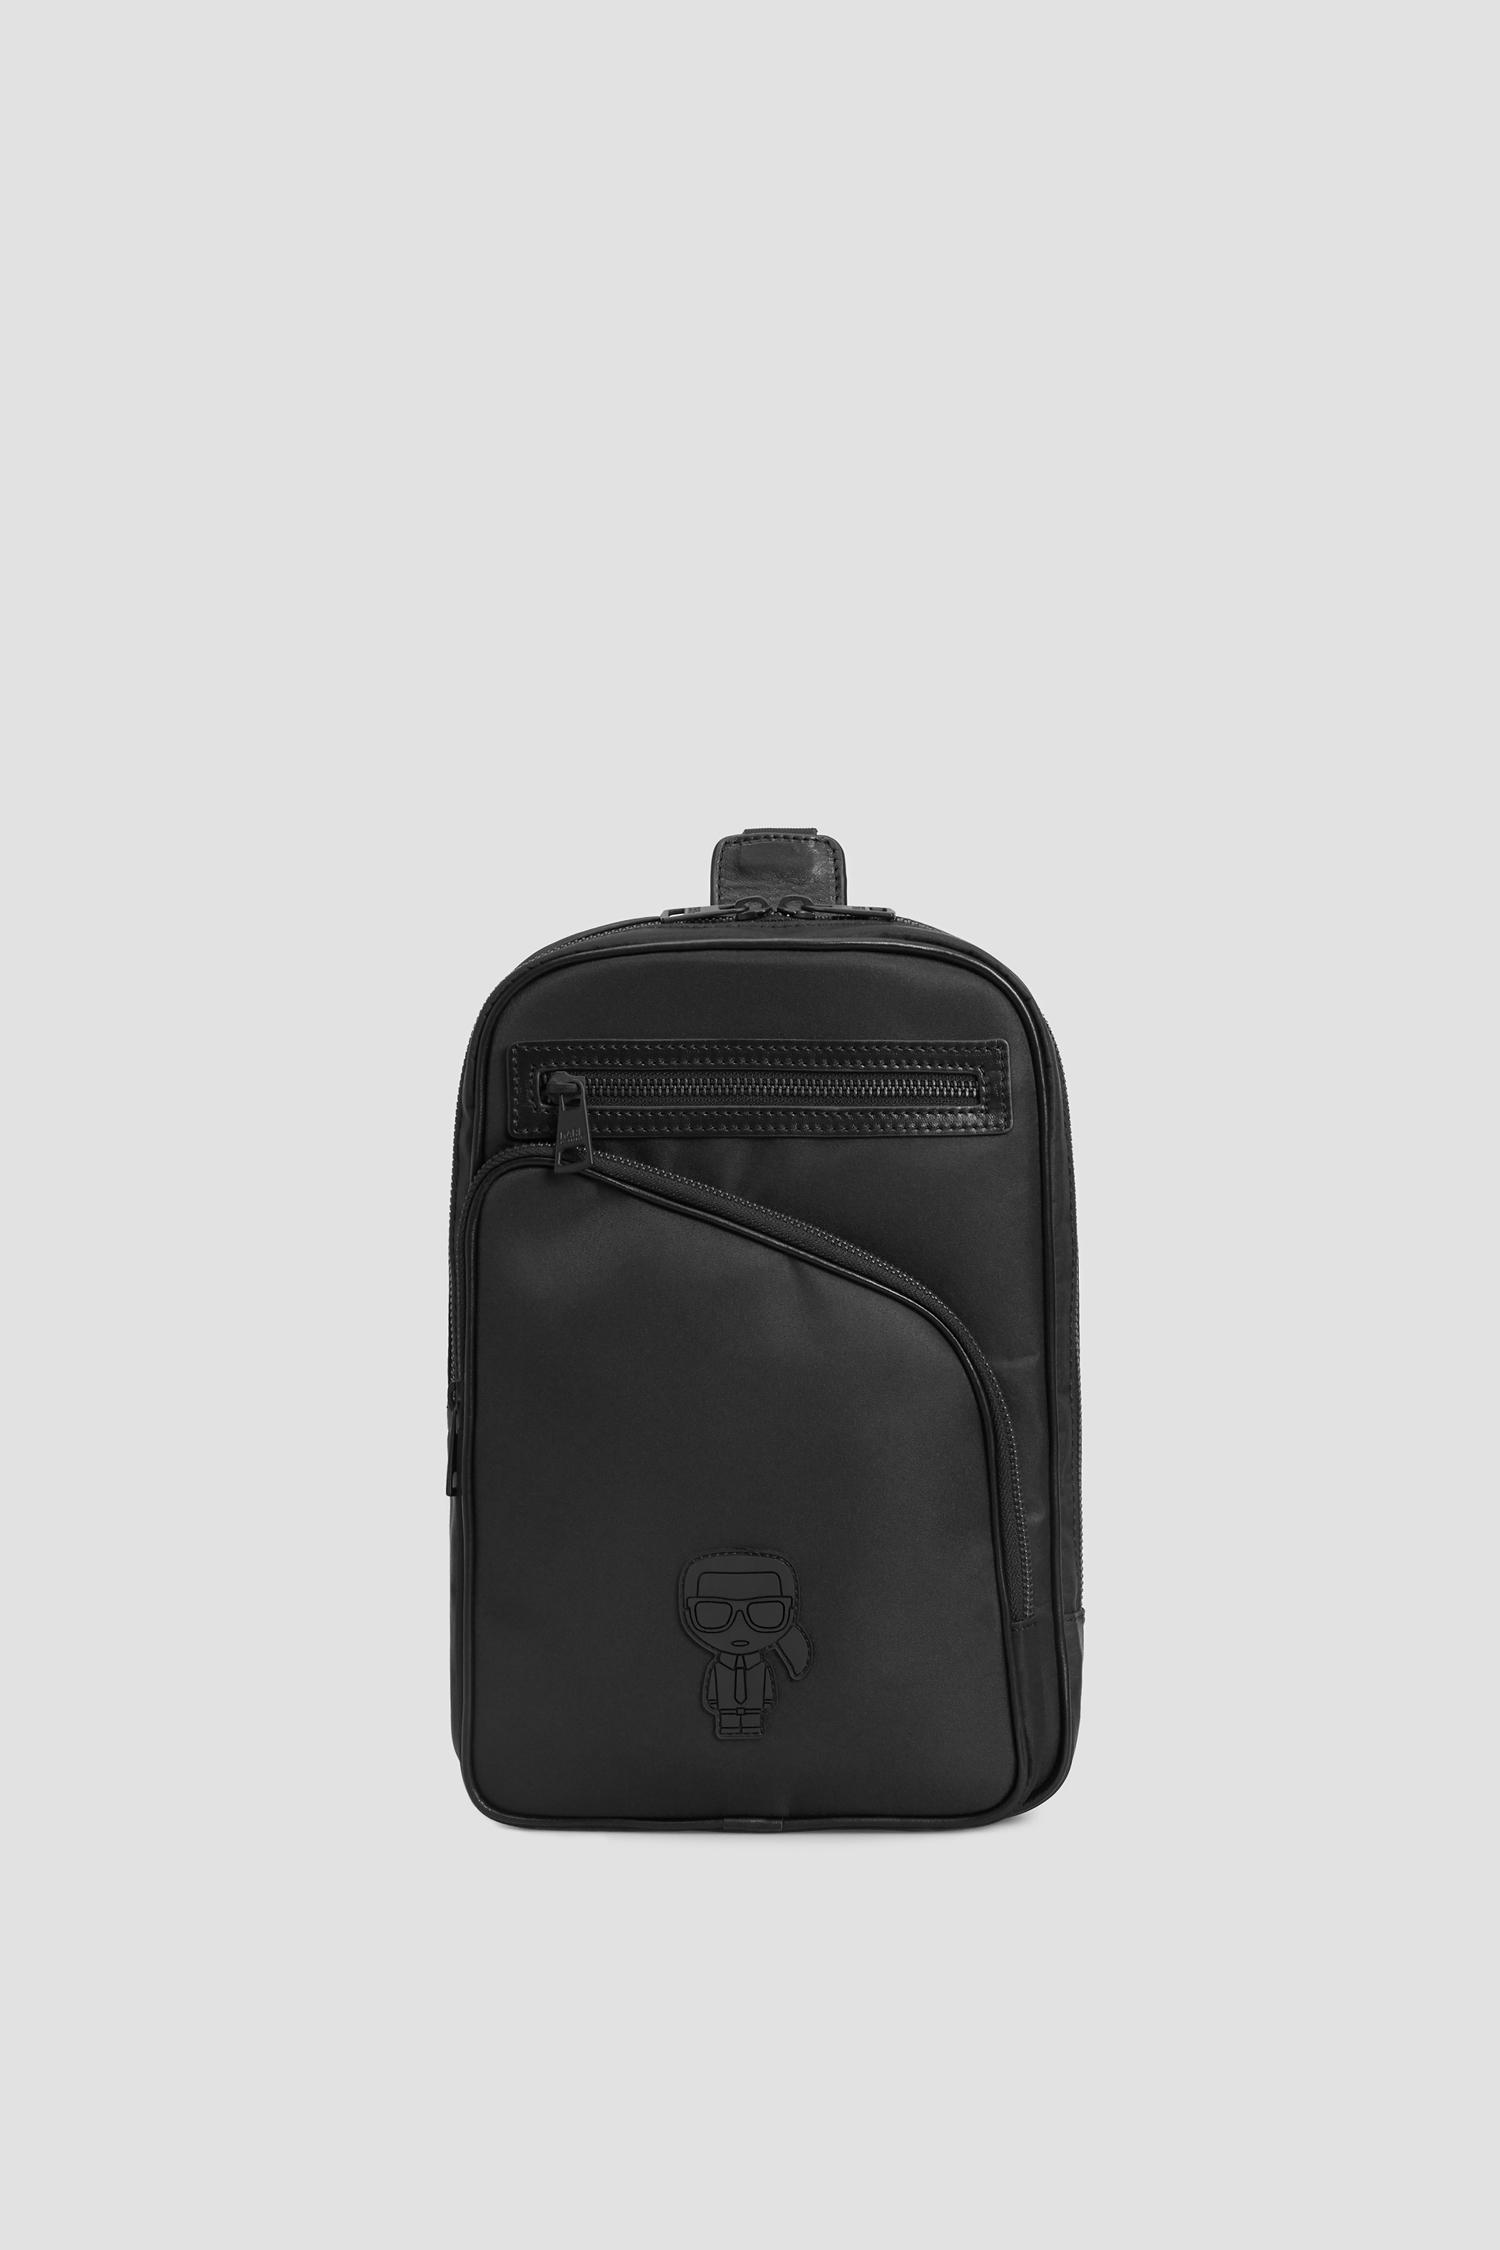 Чоловіча чорна сумка через плече Karl Lagerfeld 502113.805922;990